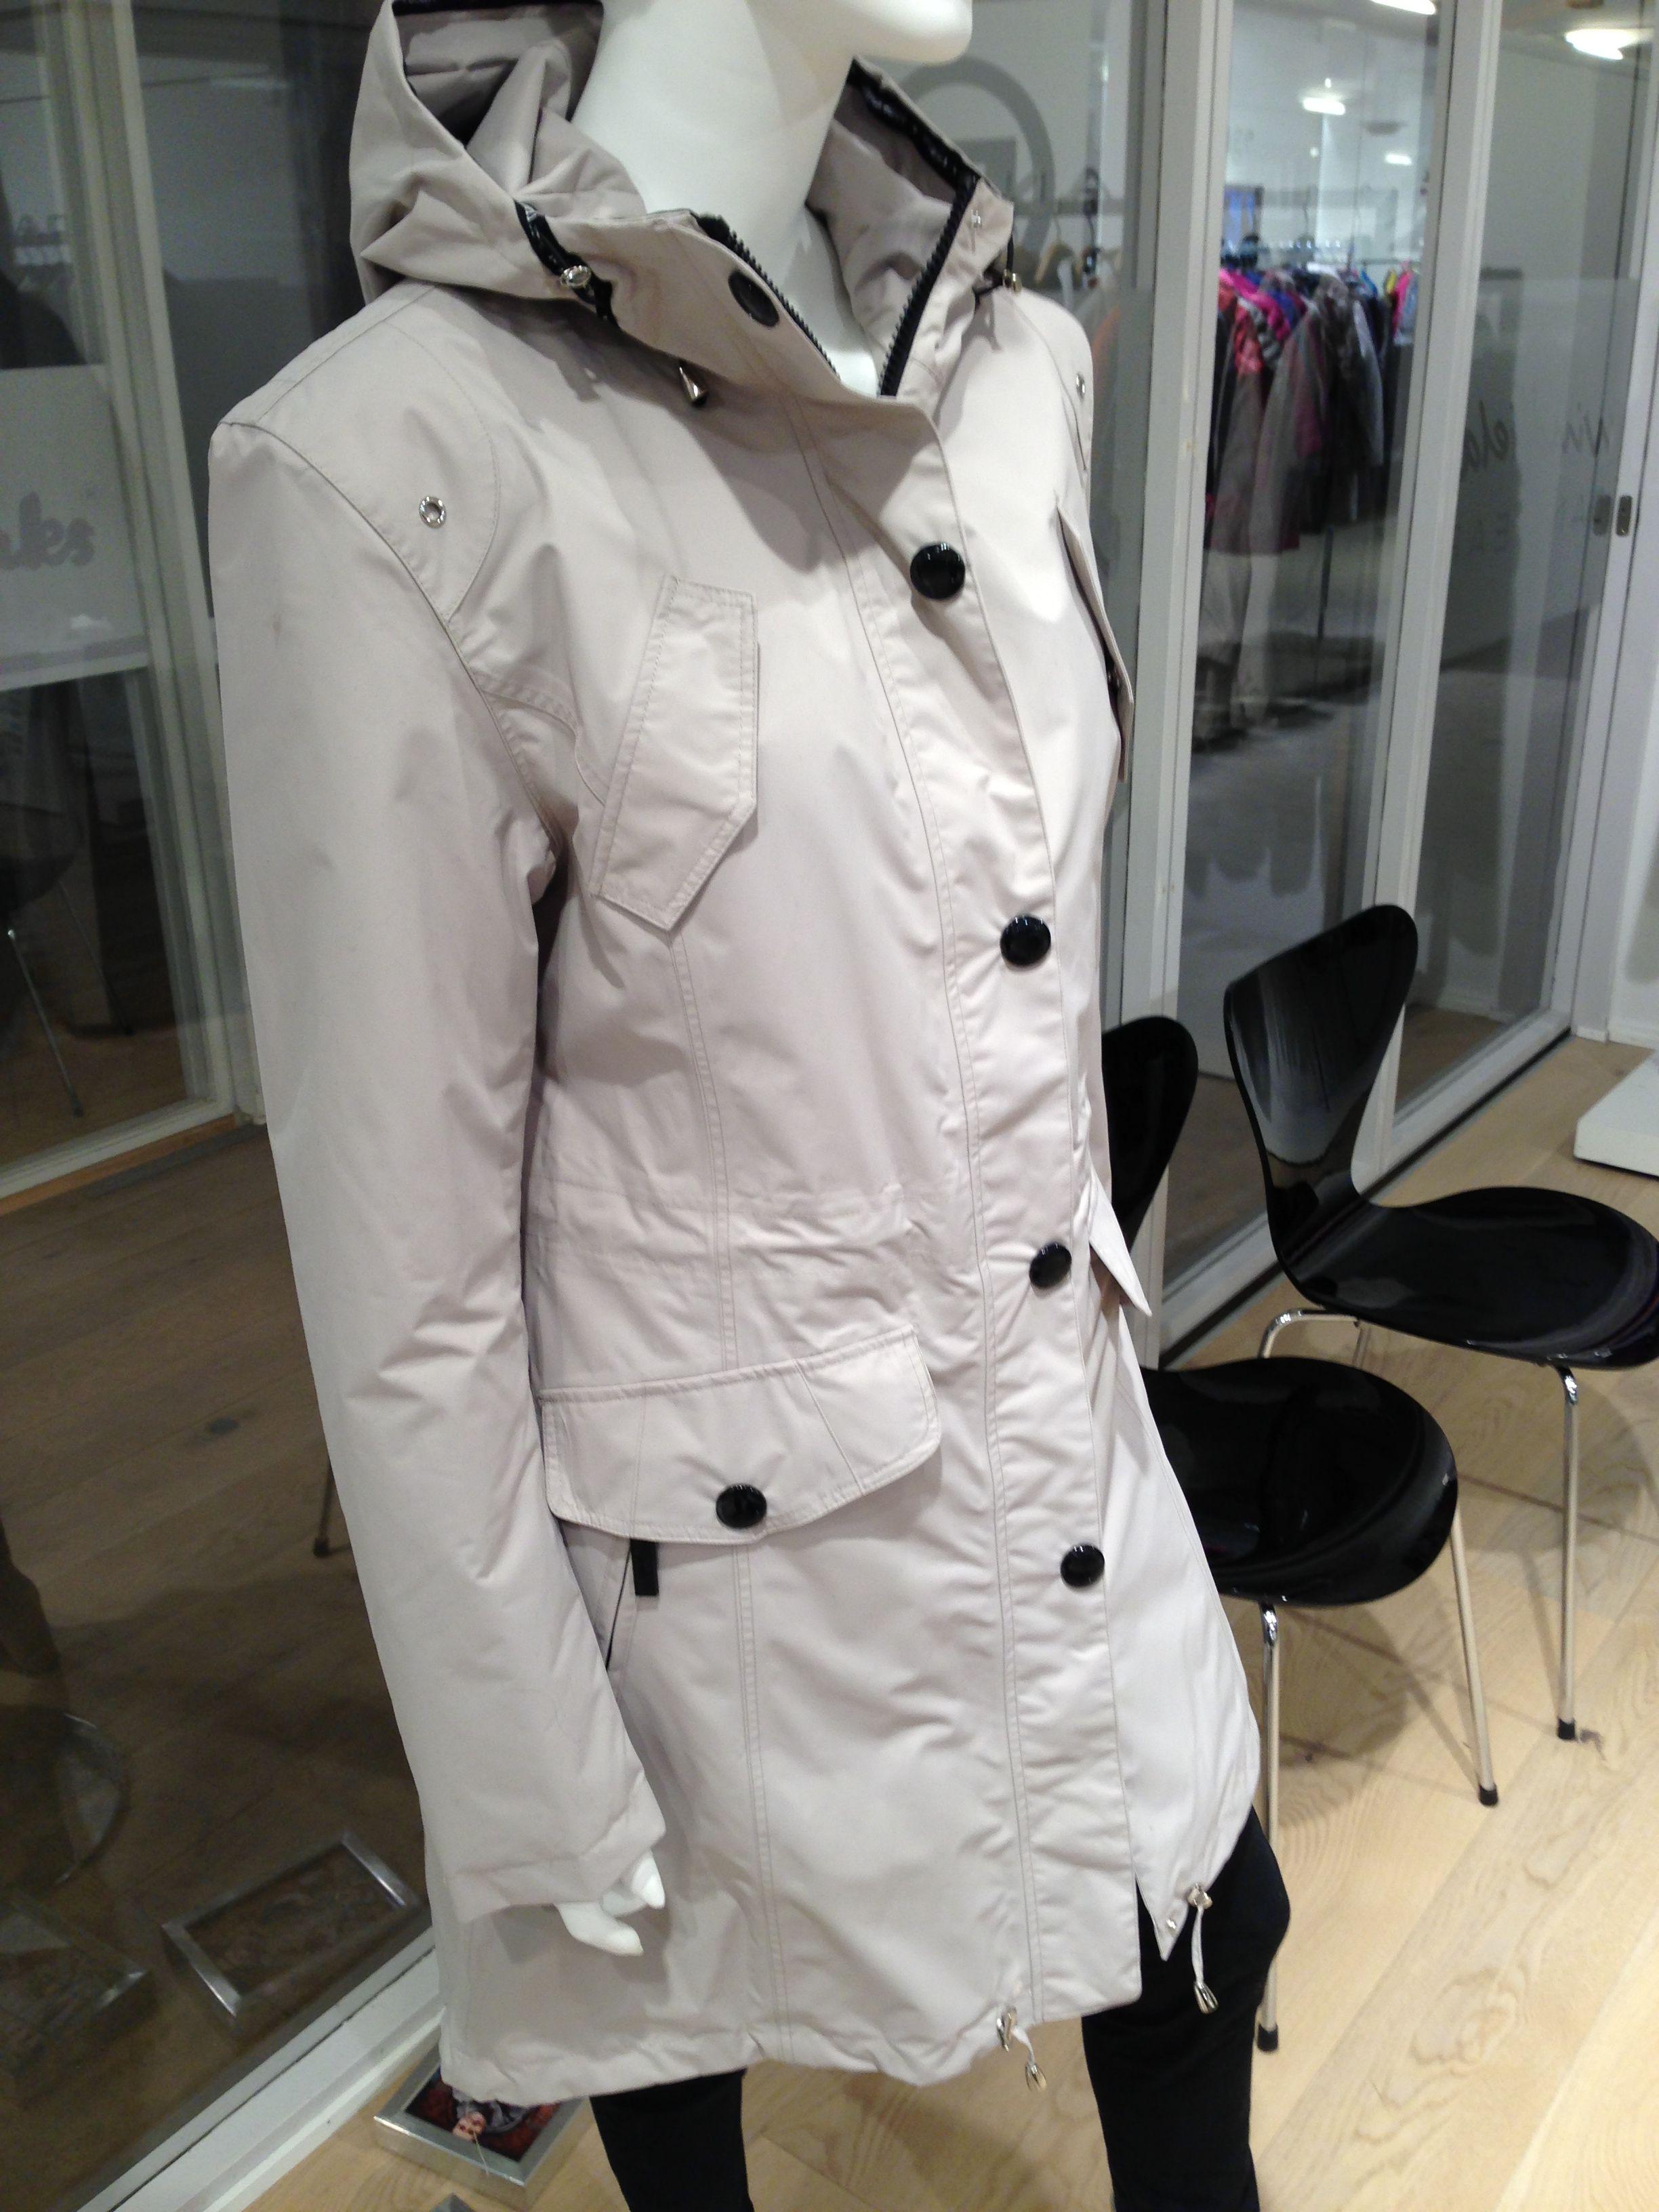 Normann coat, Anne Miller Raincoat   Clothes   Raincoat, Coat, Clothes 81dc40f1412